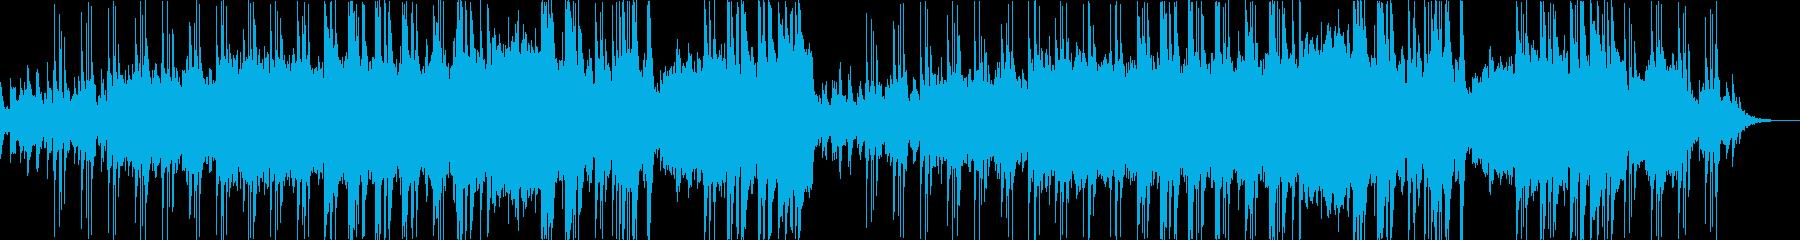 動画 センチメンタル 押しつけがま...の再生済みの波形